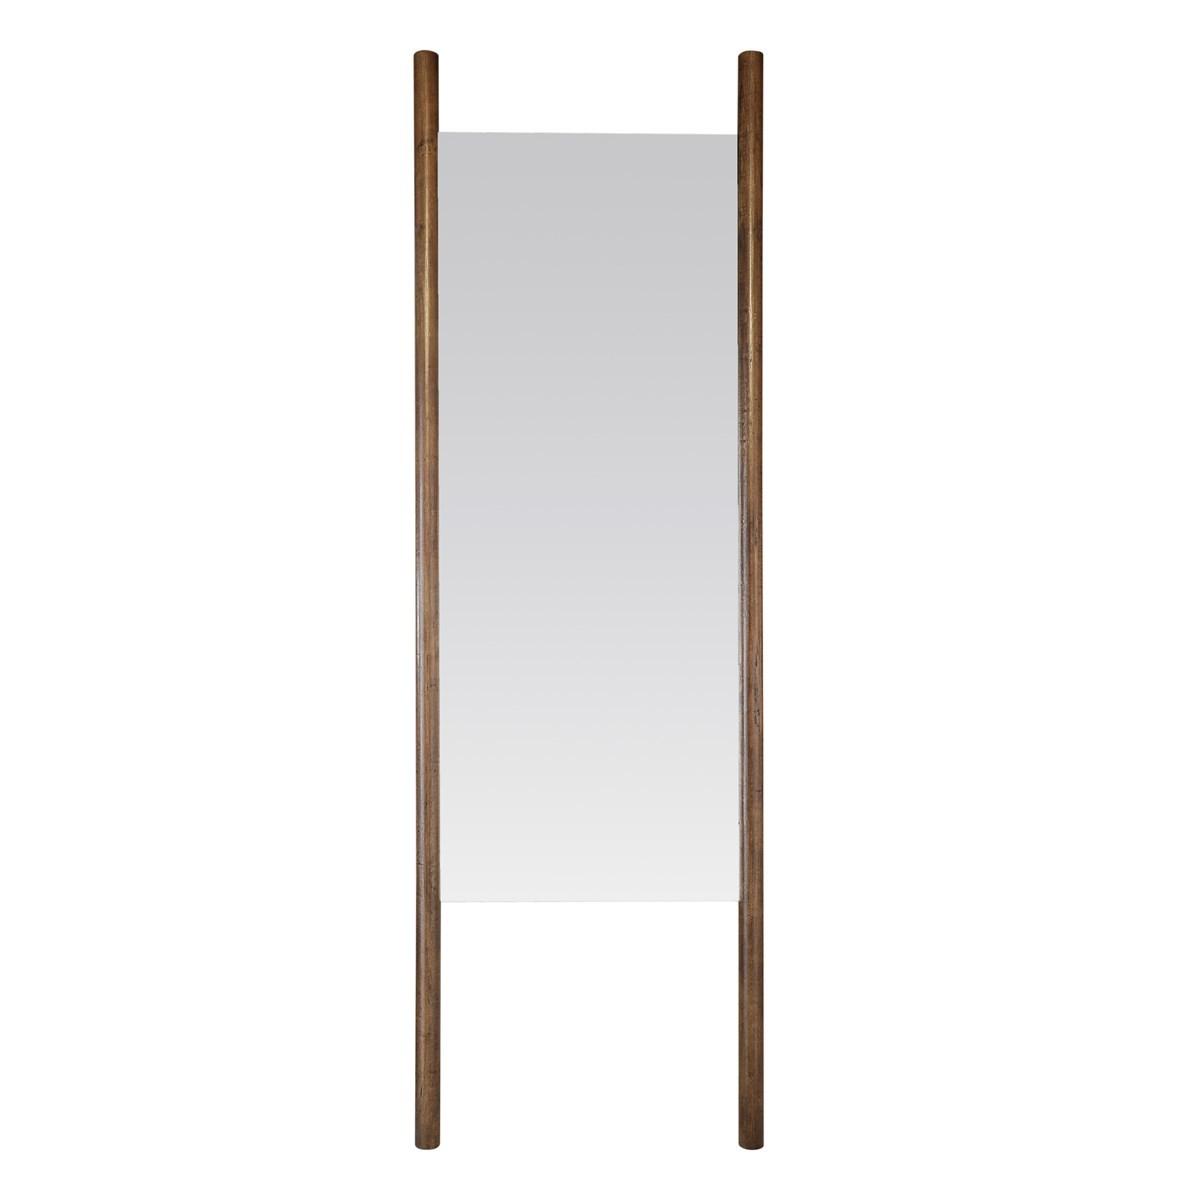 Miroir à poser en bois marron foncé 54 x 170 cm